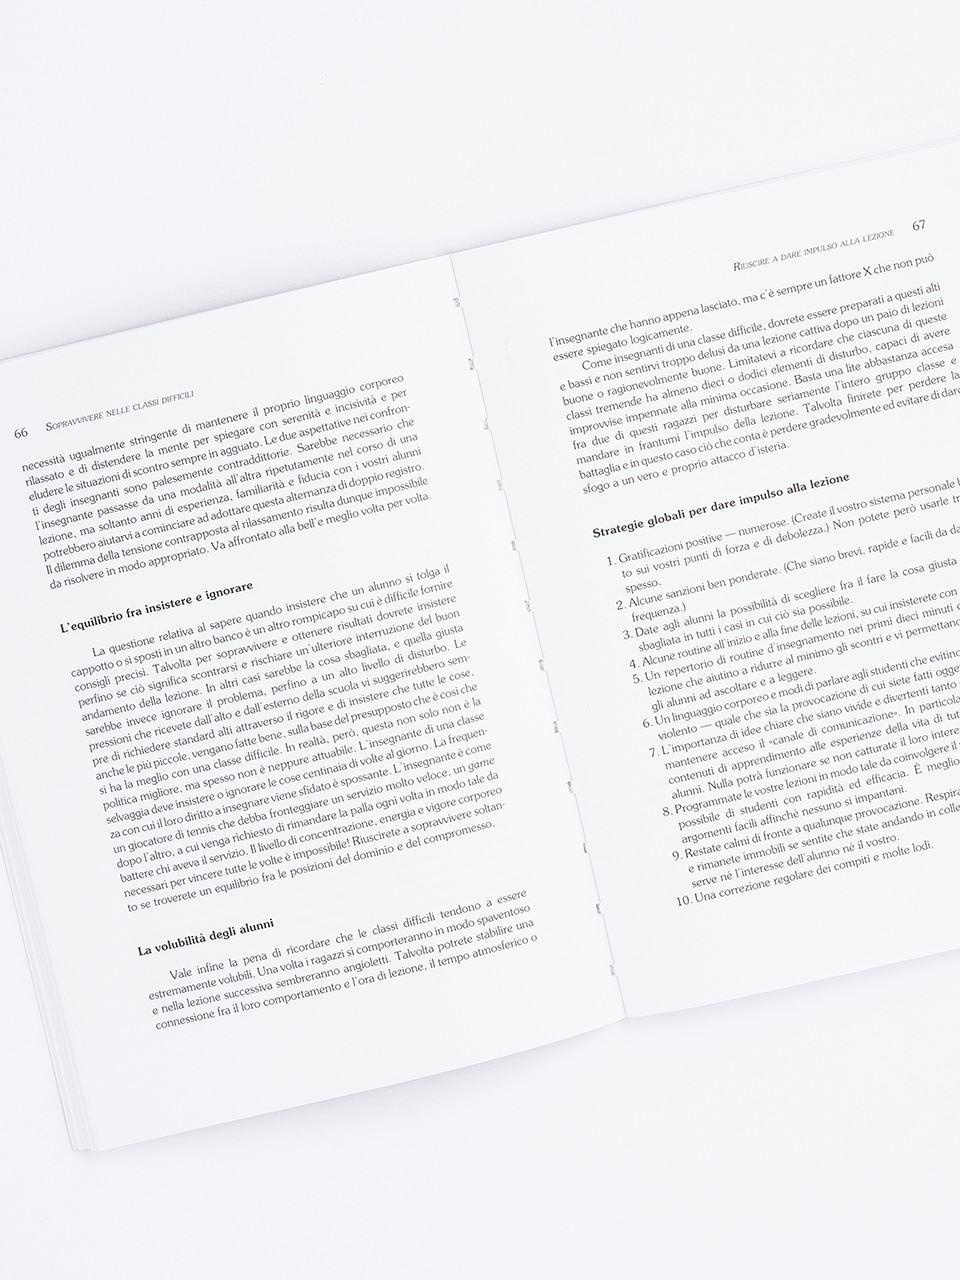 Sopravvivere nelle classi difficili - Libri - Erickson 2